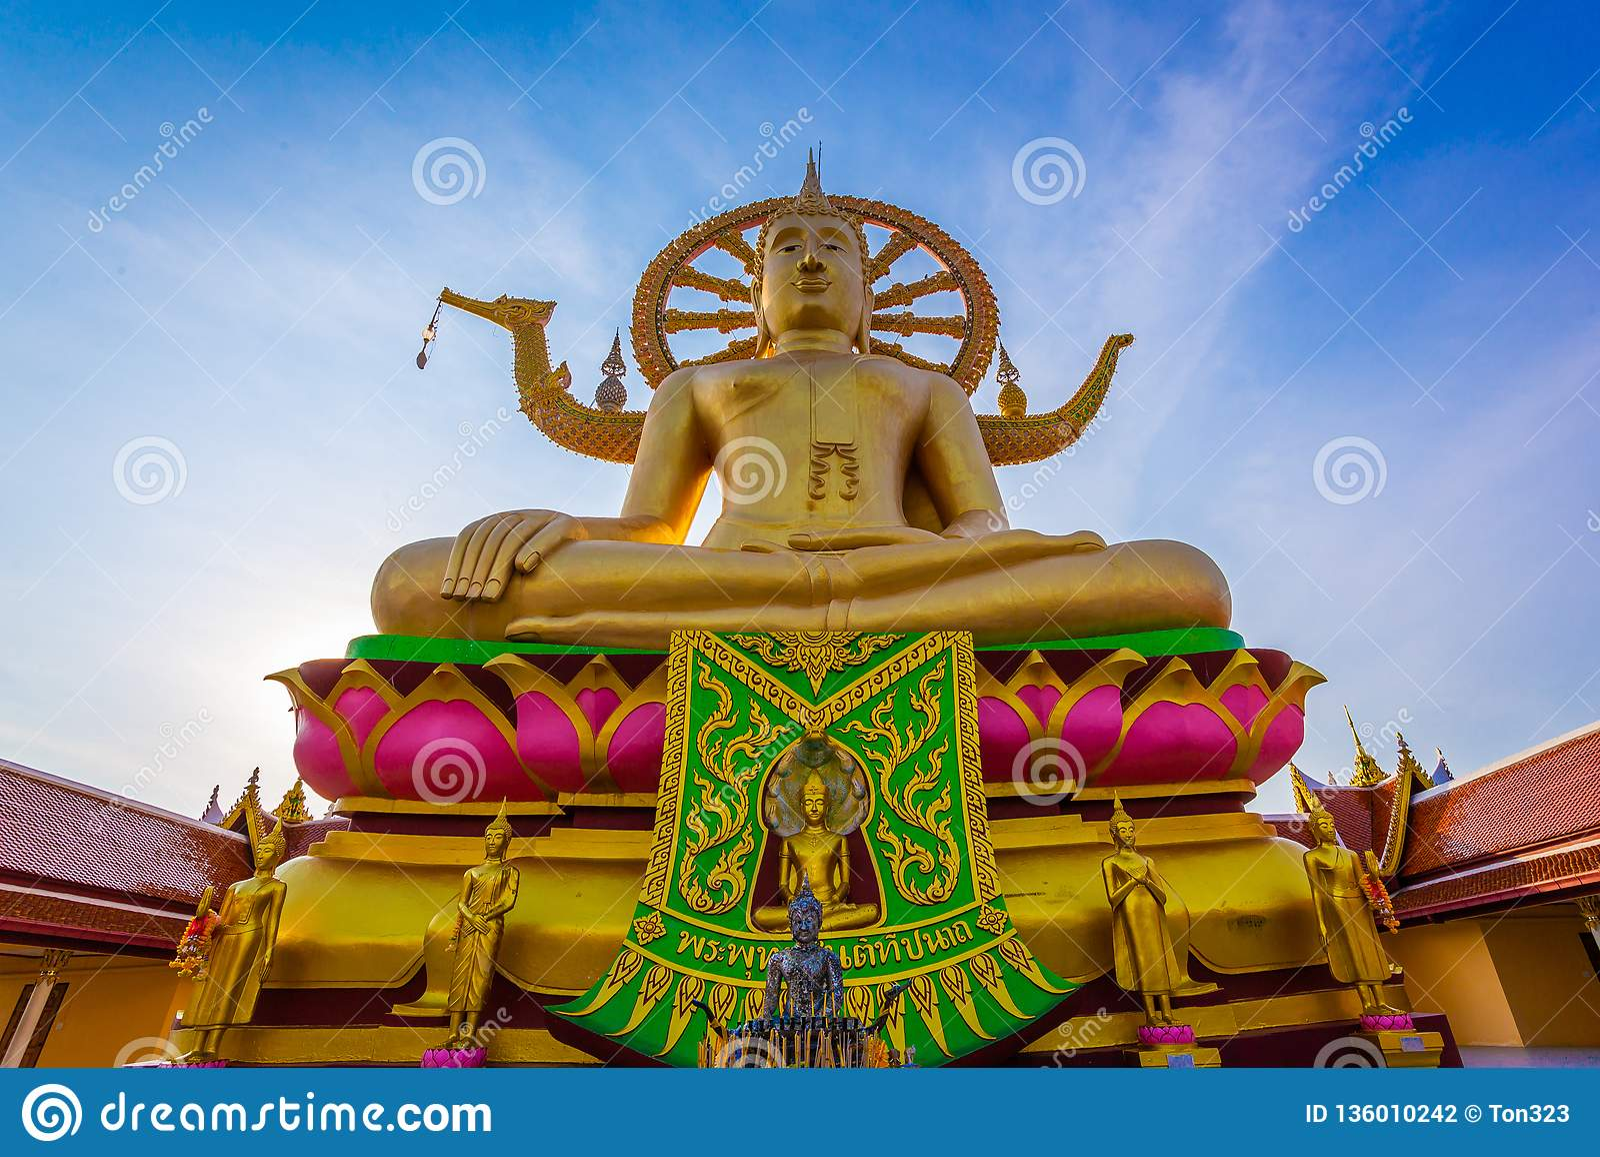 Große Gold-Buddha-Statue in einer Sitzposition unter dem blauen Himmel an großem Buddha-Tempel ist ein berühmter touristischer Be